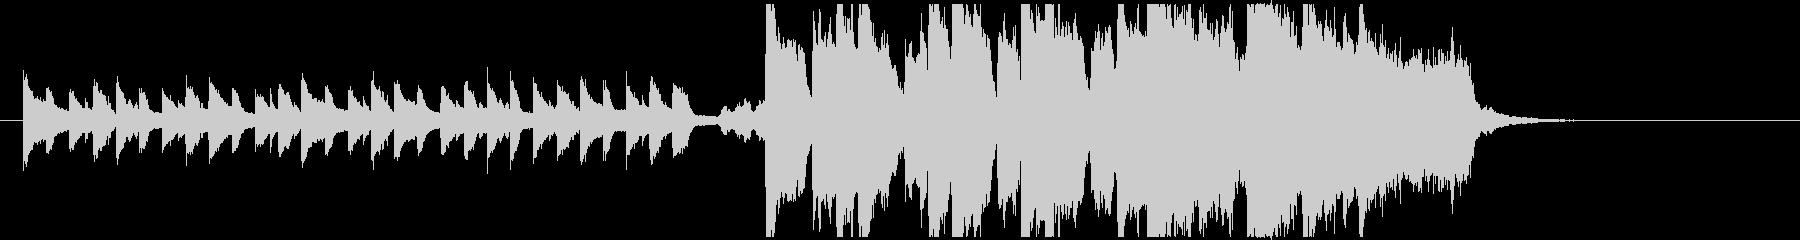 ピアノとオーケストラの二部構成のBGMの未再生の波形